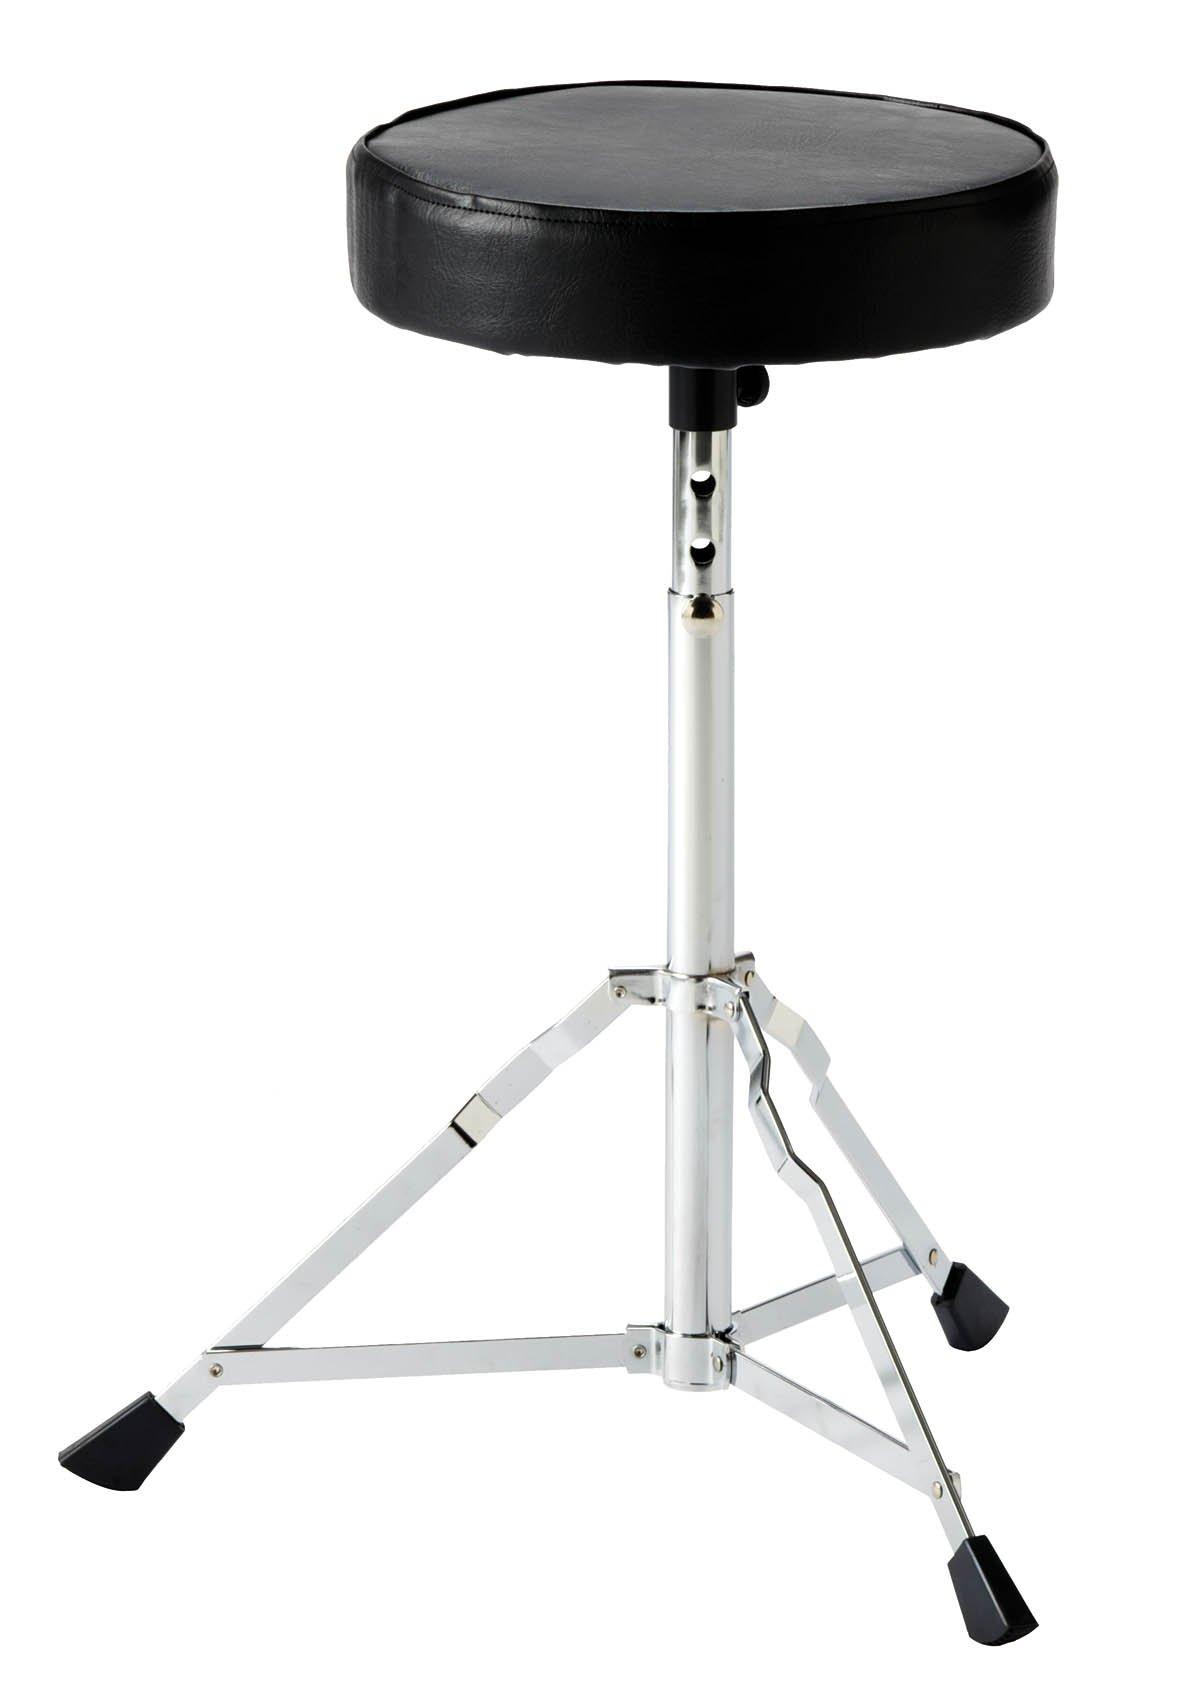 LoDuca Bros. 41194.0 Height Adjustable Drummers Bench